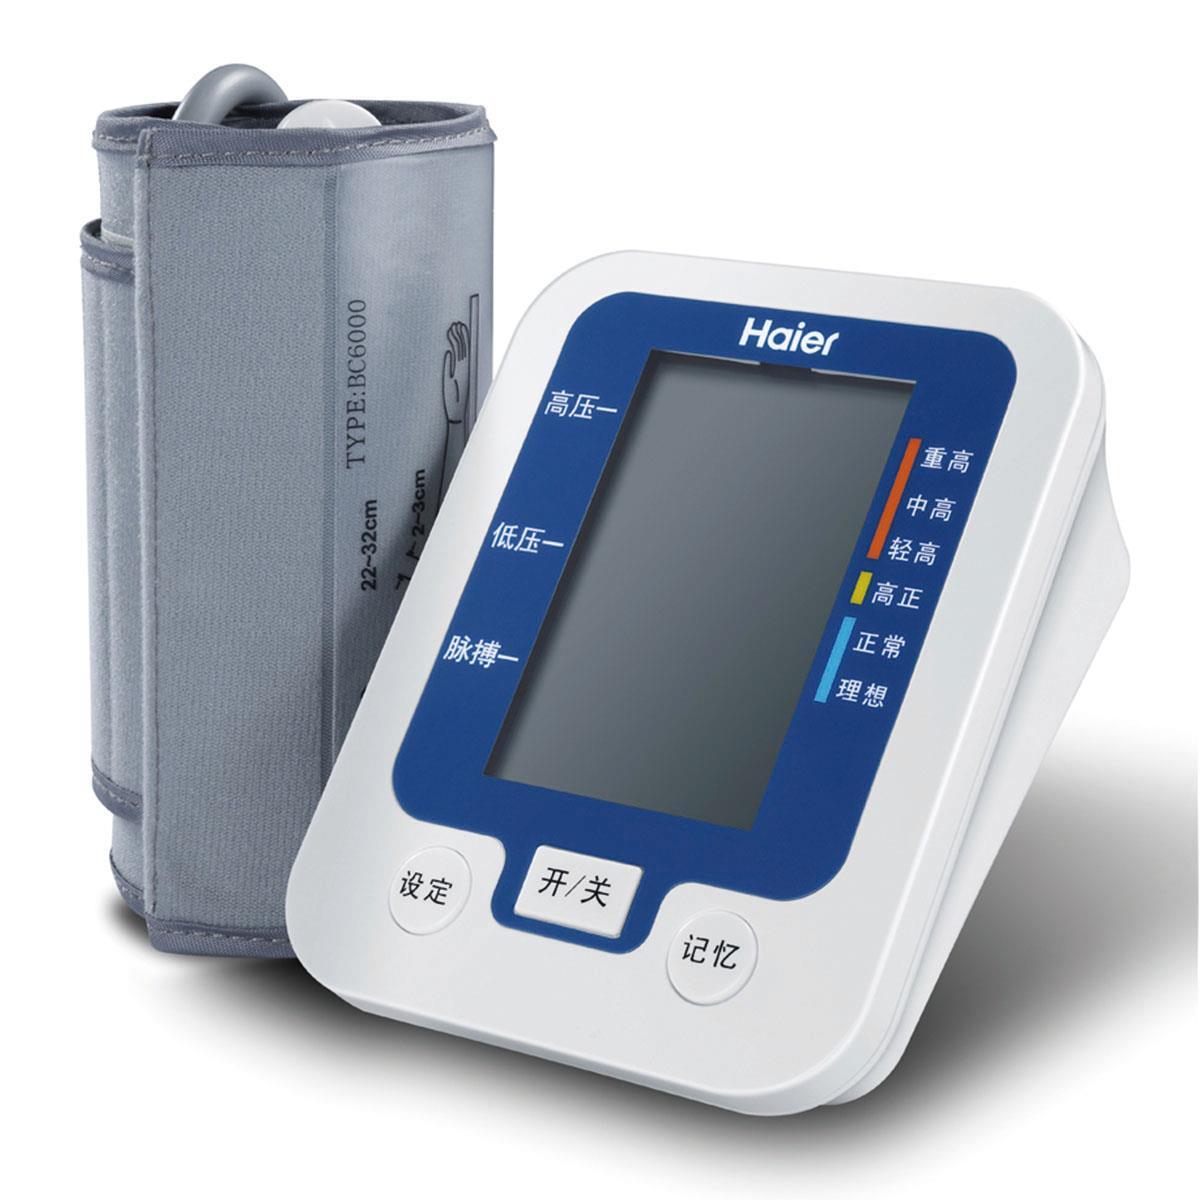 海尔(Haier)电子血压计家用医用血压仪全自动上手臂式血压计 语音大屏显示 血压计BF1102